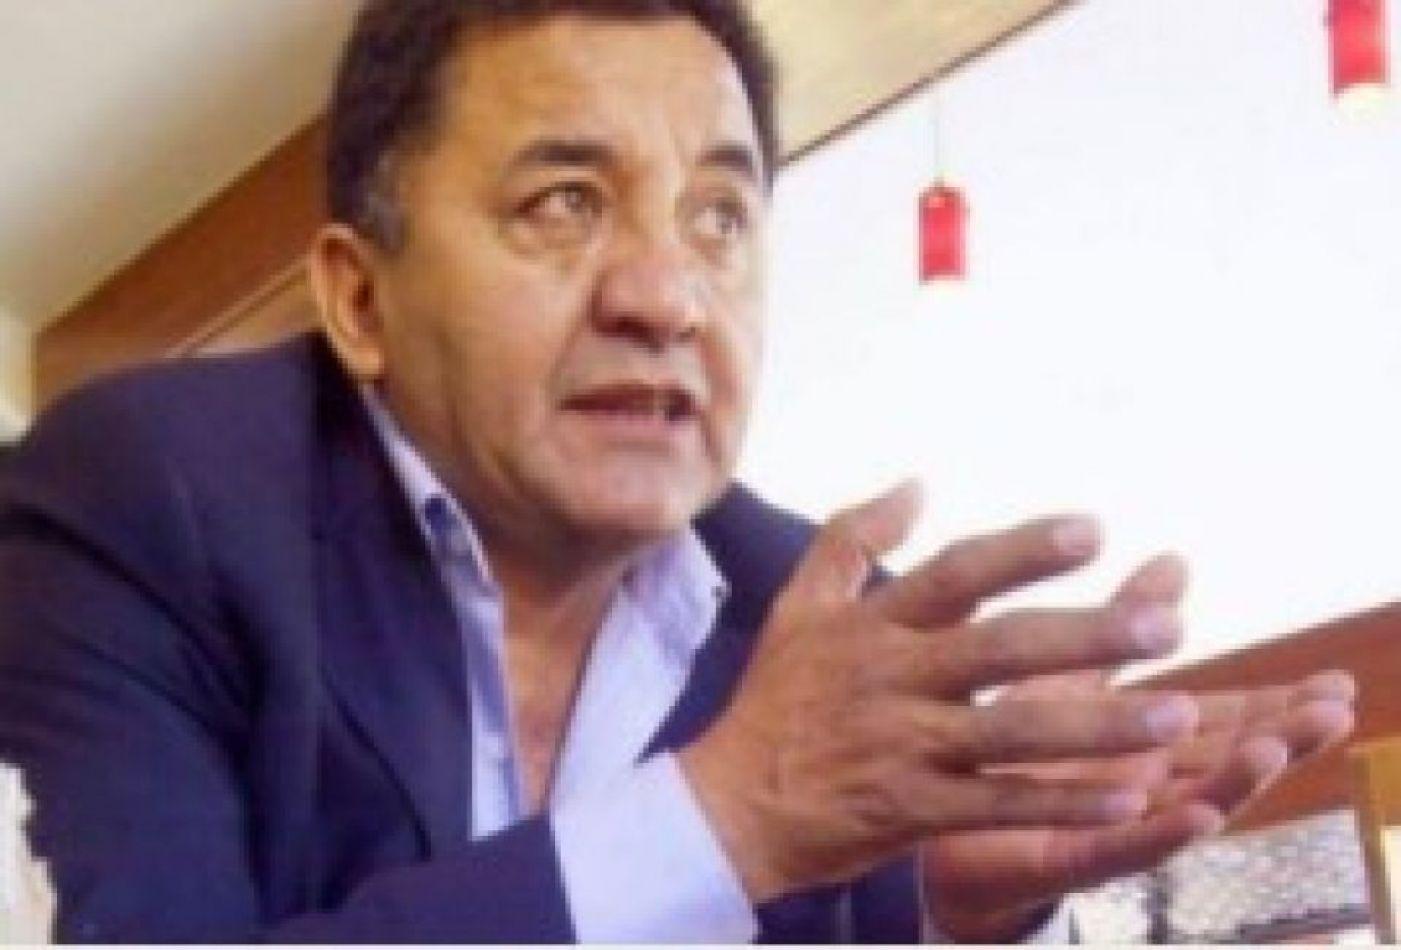 El senador Ramos trató de inepto e ineficaz al intendente de Rosario de Lerma